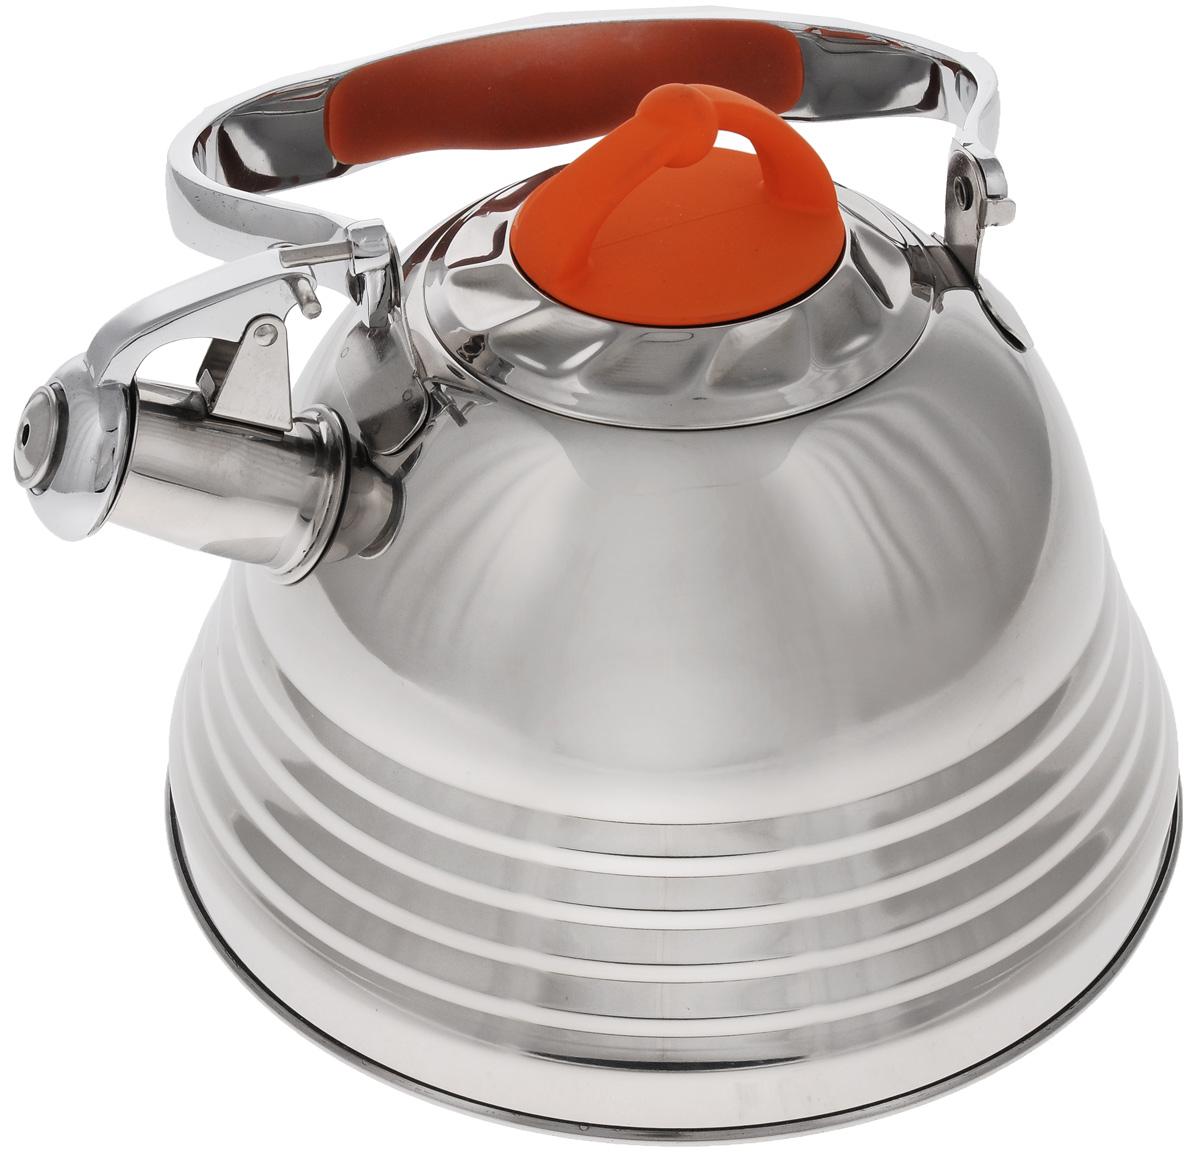 Чайник Mayer & Boch, со свистком, 3 л. 2278622786Чайник Mayer & Boch выполнен из высококачественной нержавеющей стали, что делает его весьма гигиеничным и устойчивым к износу при длительном использовании. Носик чайника оснащен насадкой-свистком, что позволит вам контролировать процесс подогрева или кипячения воды. Ручка, выполненная из стали с бакелитовой вставкой, делает использование чайника очень удобным и безопасным. Поверхность чайника гладкая, что облегчает уход за ним. Эстетичный и функциональный чайник будет оригинально смотреться в любом интерьере. Подходит для газовых, электрических, стеклокерамических и индукционных плит. Можно мыть в посудомоечной машине. Высота чайника (без учета ручки и крышки): 13 см. Высота чайника ( с учетом ручки и крышки): 25 см. Диаметр основания: 22 см. Диаметр индукционного диска: 17,5 см. Диаметр чайника (по верхнему краю): 10 см.